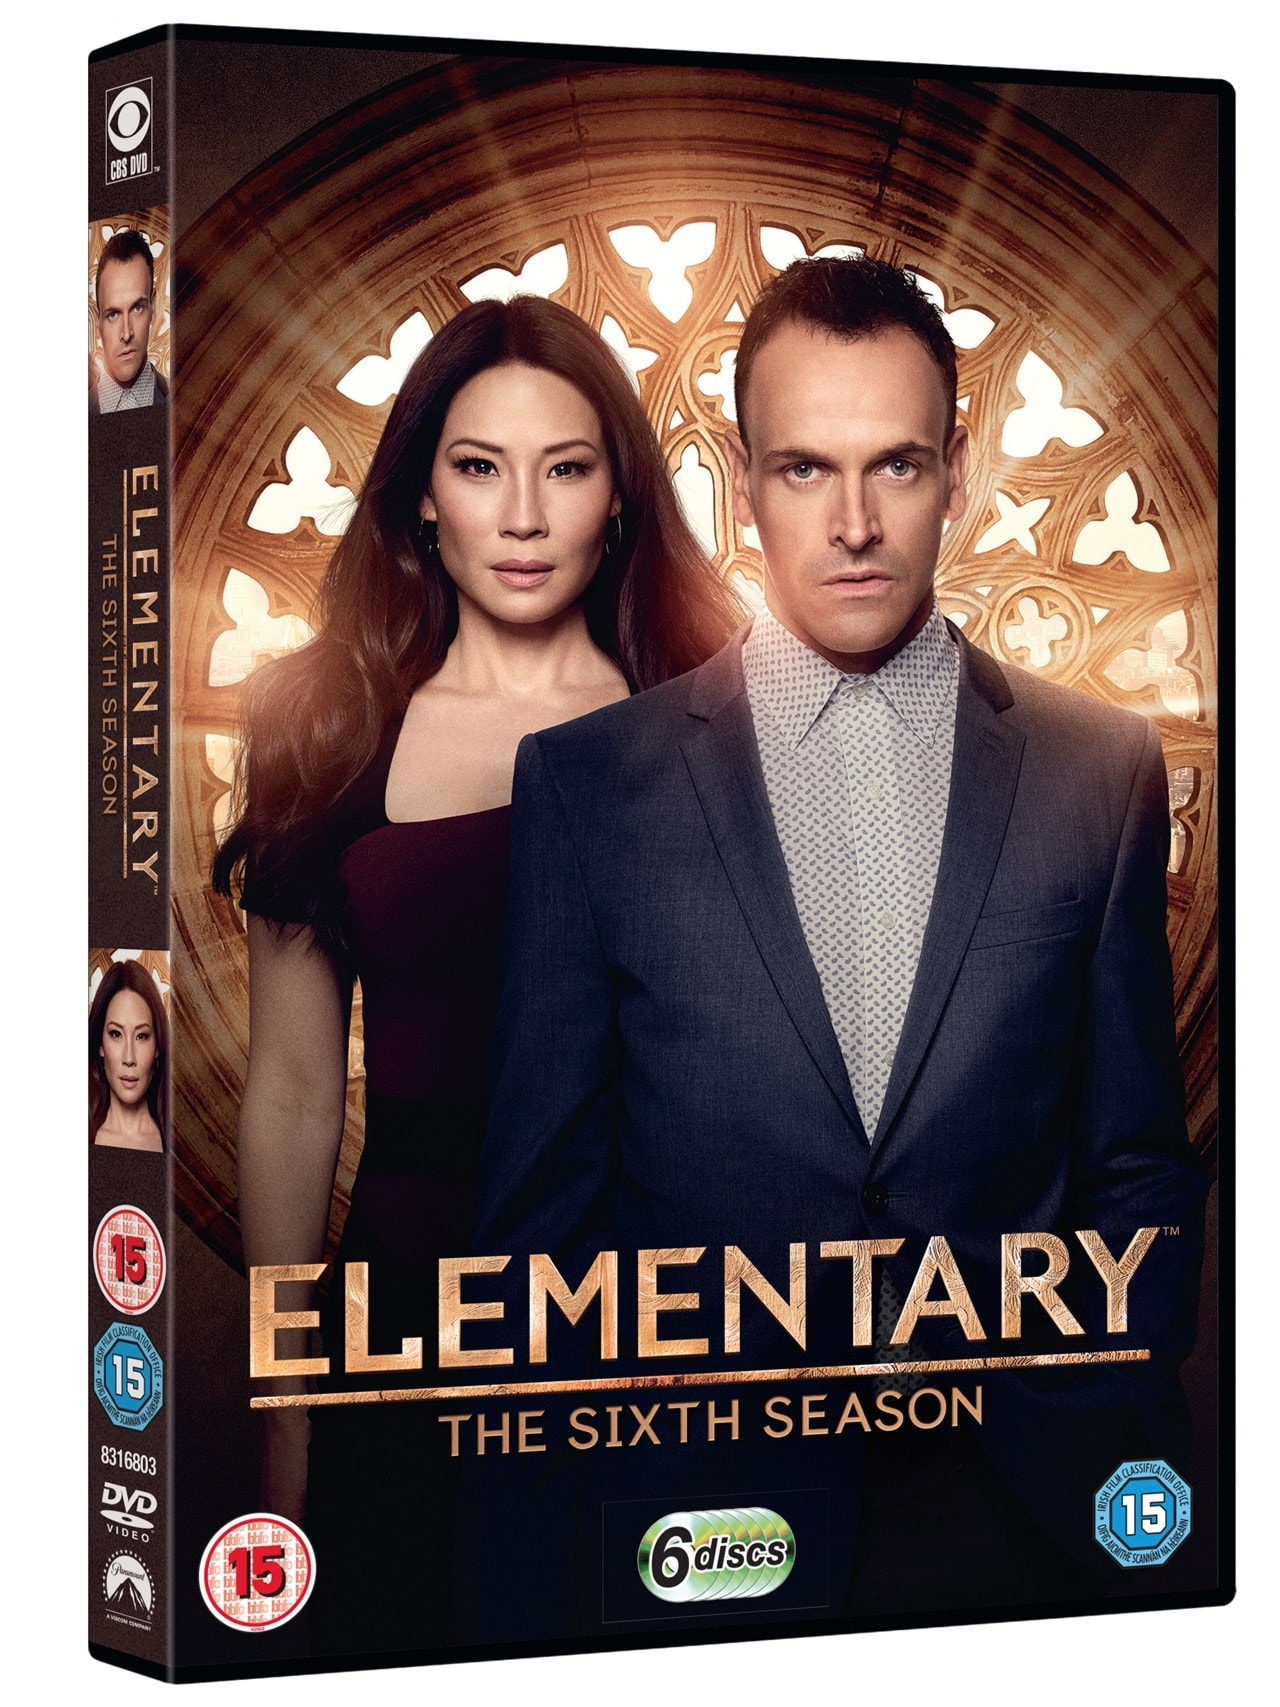 Elementary: The Sixth Season - 2